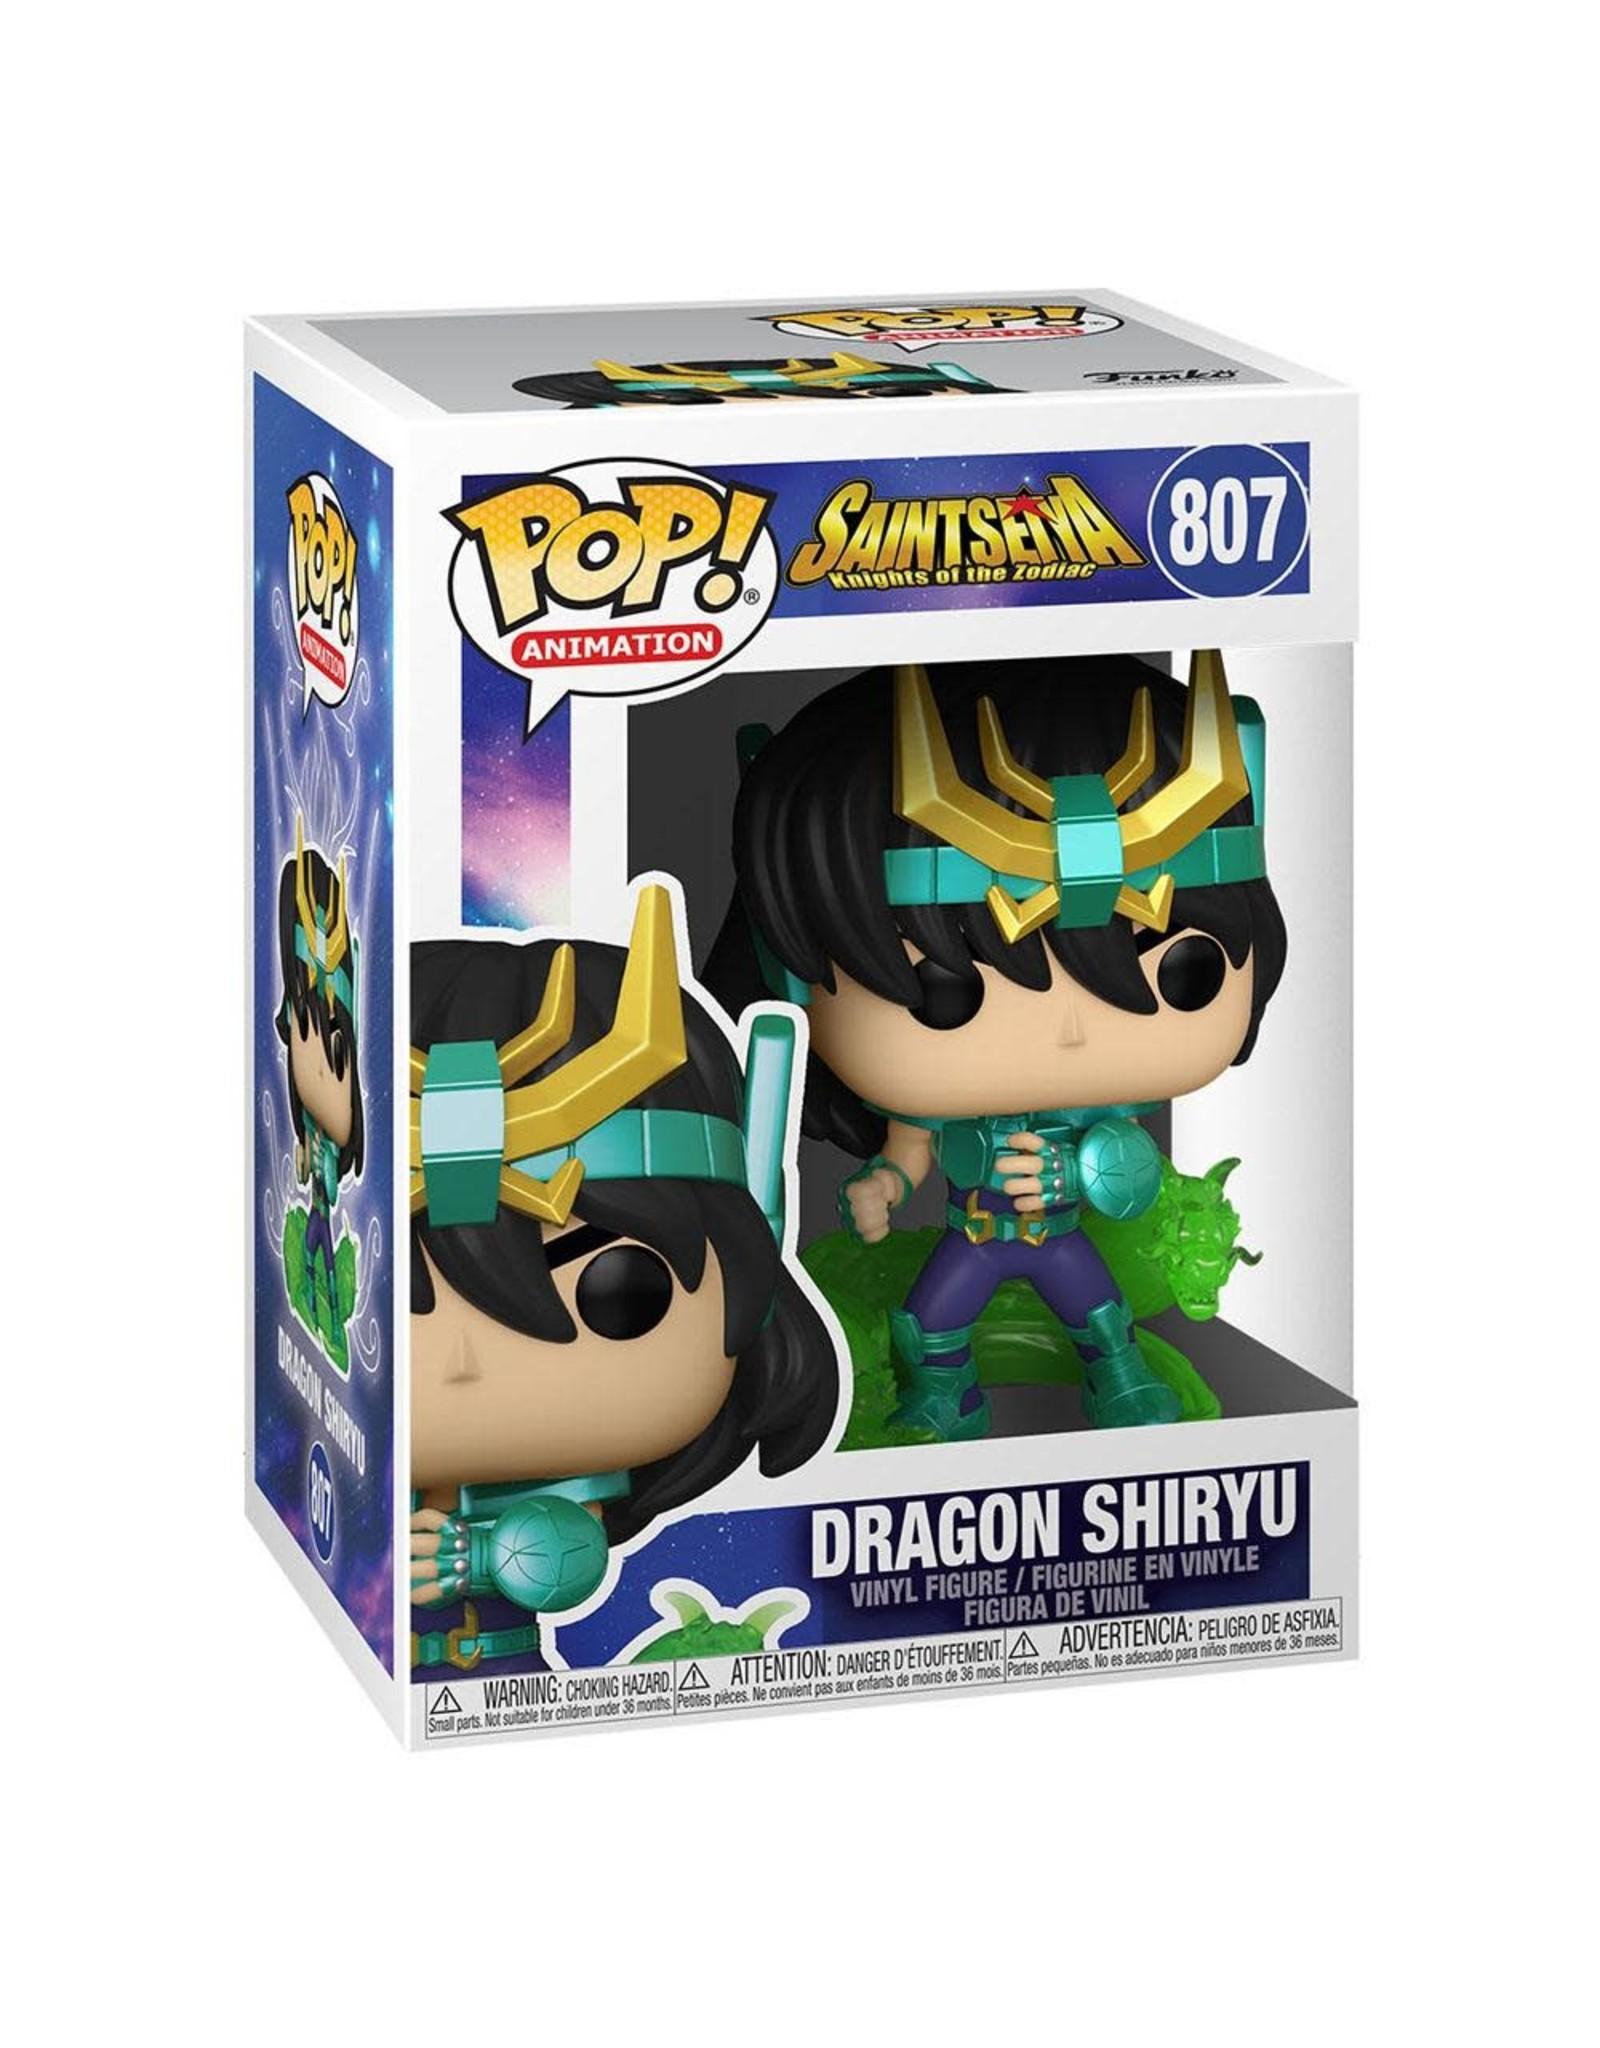 Saint Seiya - Dragon Shiryu - Funko Pop! Animation 807